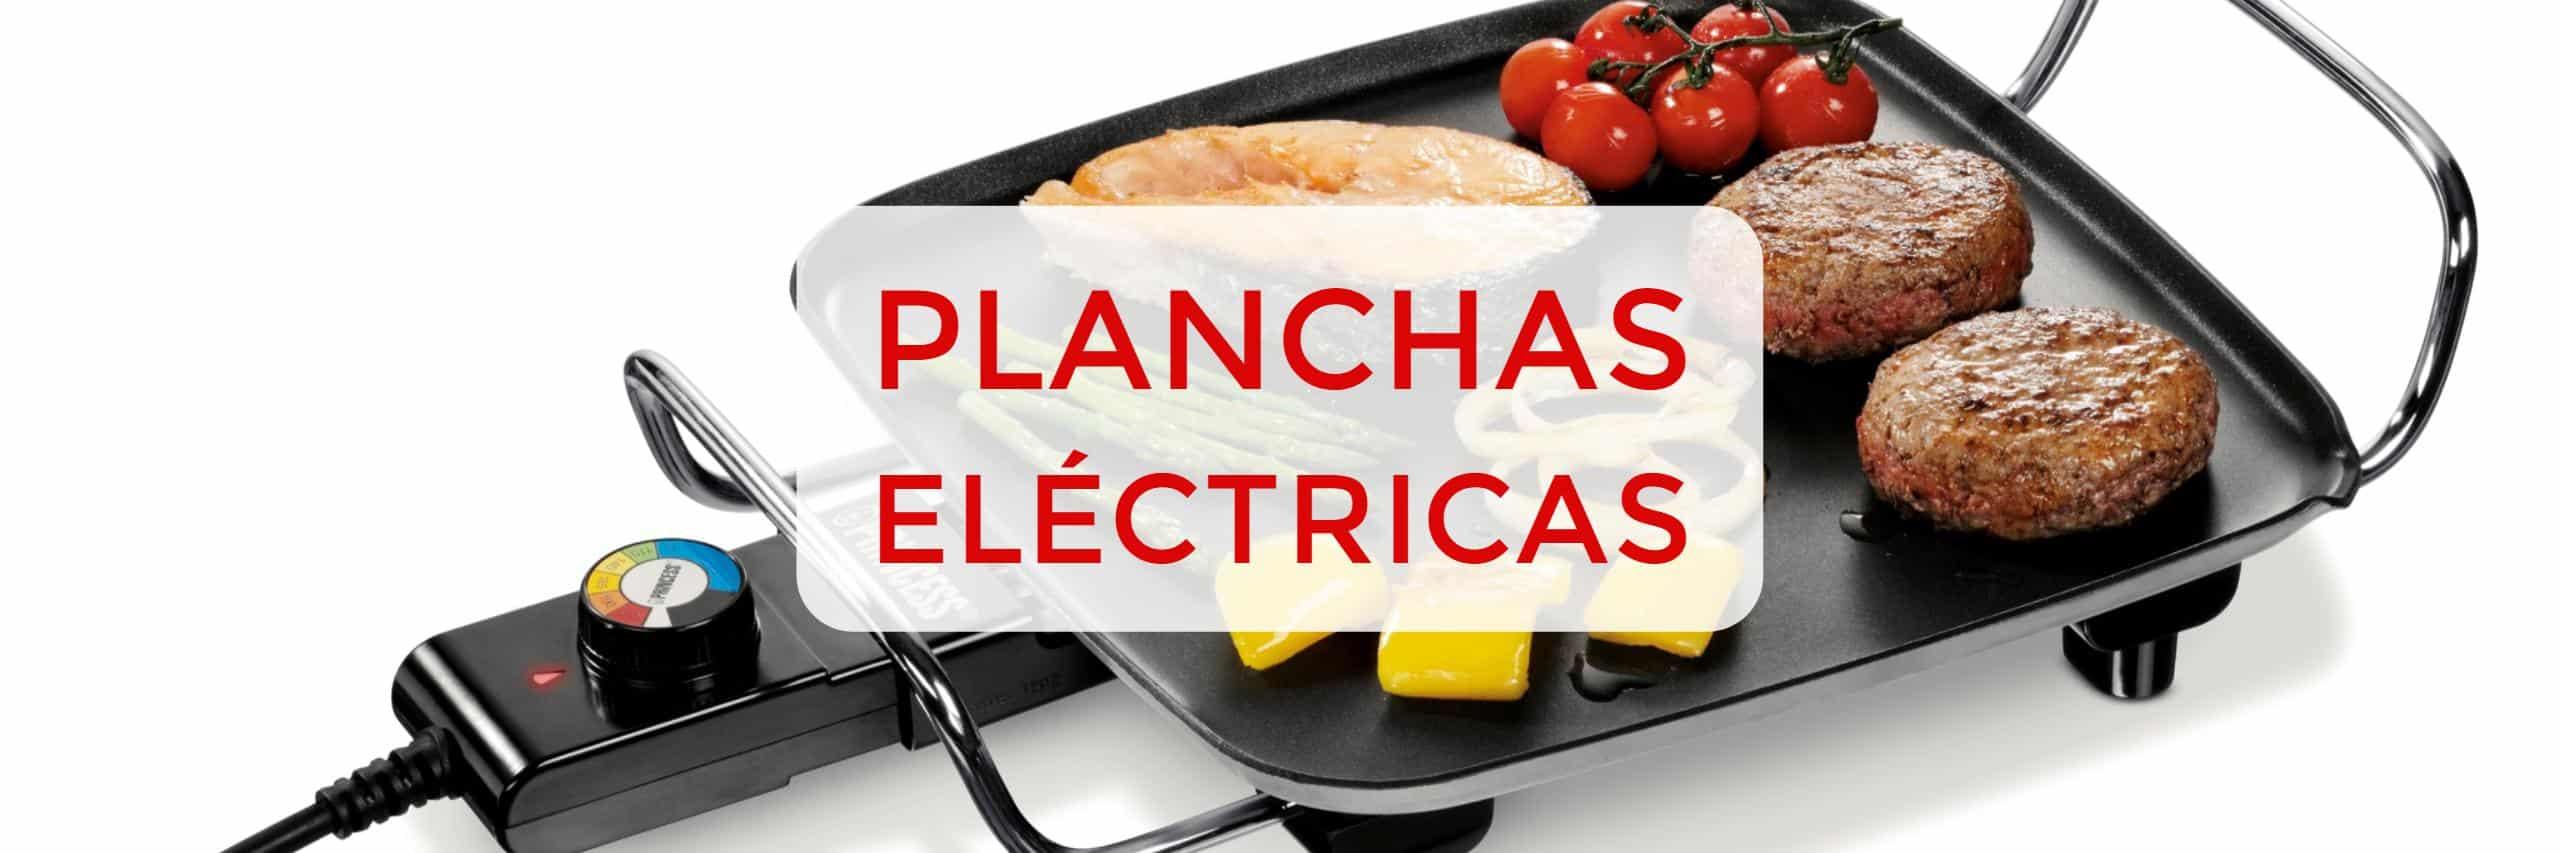 Plancha el ctrica cocina sano en cualquier parte - Plancha electrica cocina ...